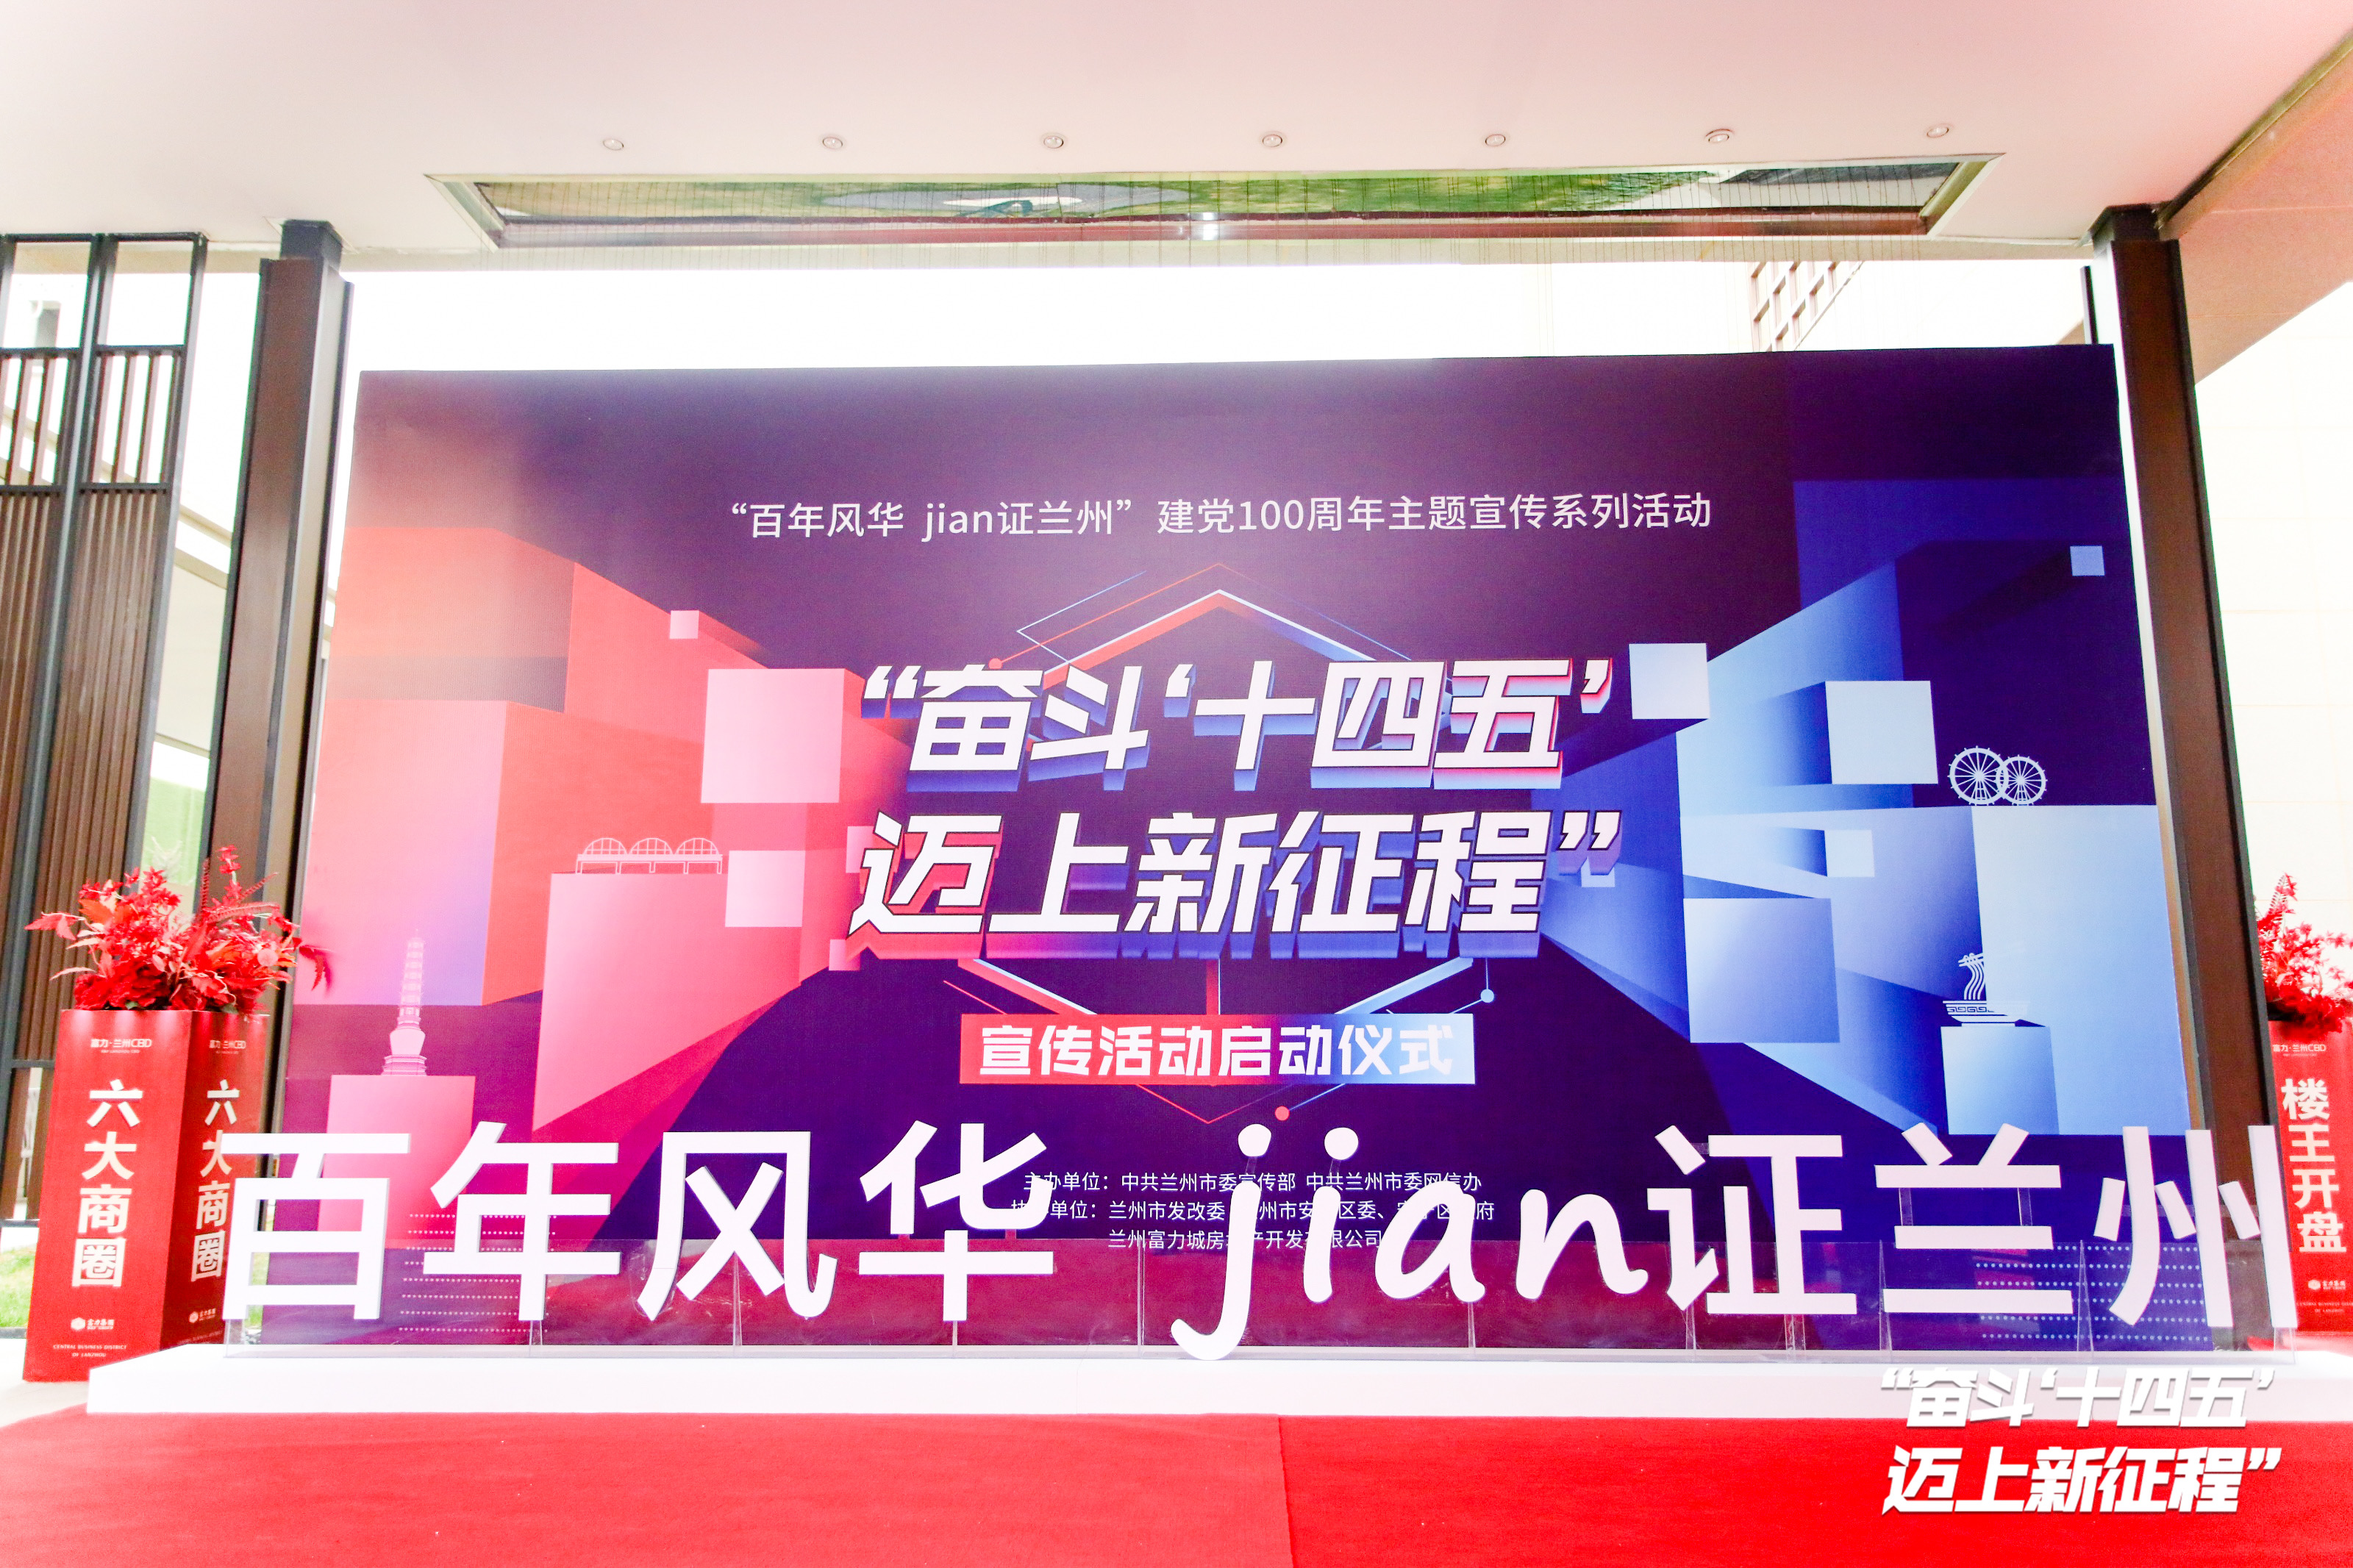 """""""百年风华?jian证兰州""""建党100周年主题宣传系列活动在安宁启动"""